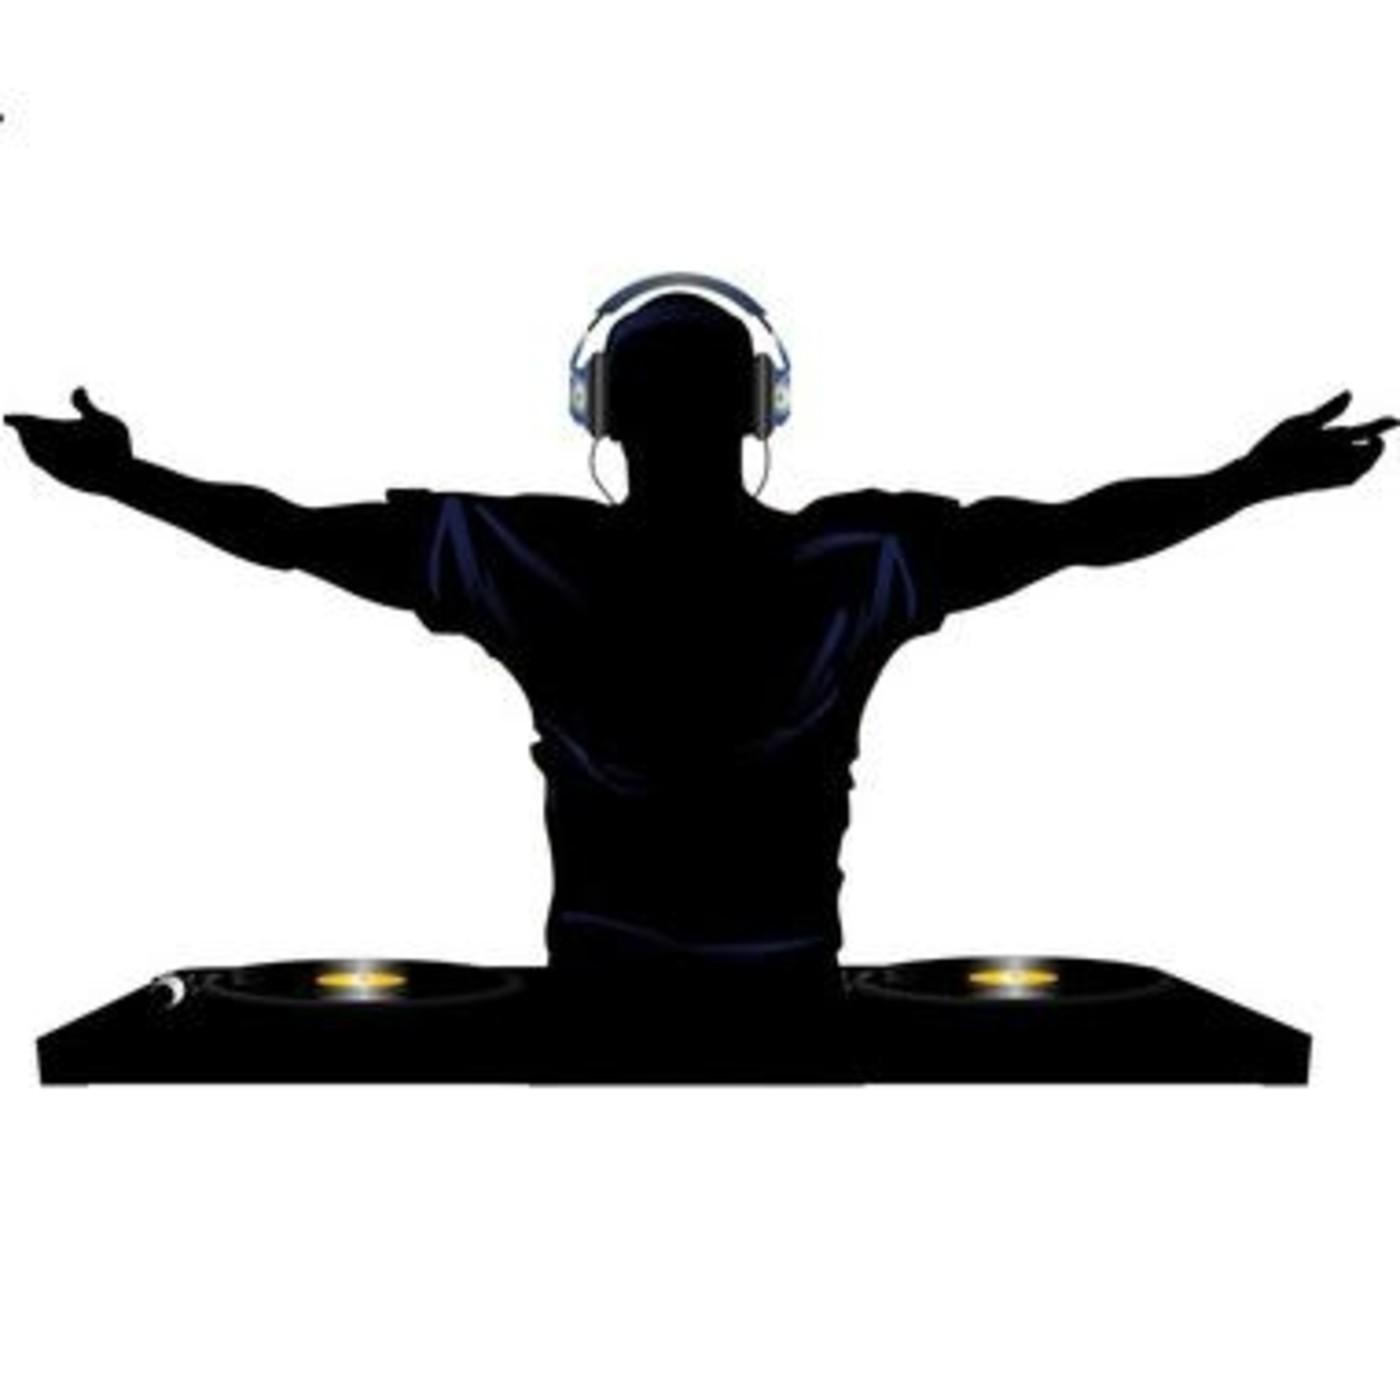 DJ JM ESCALONA